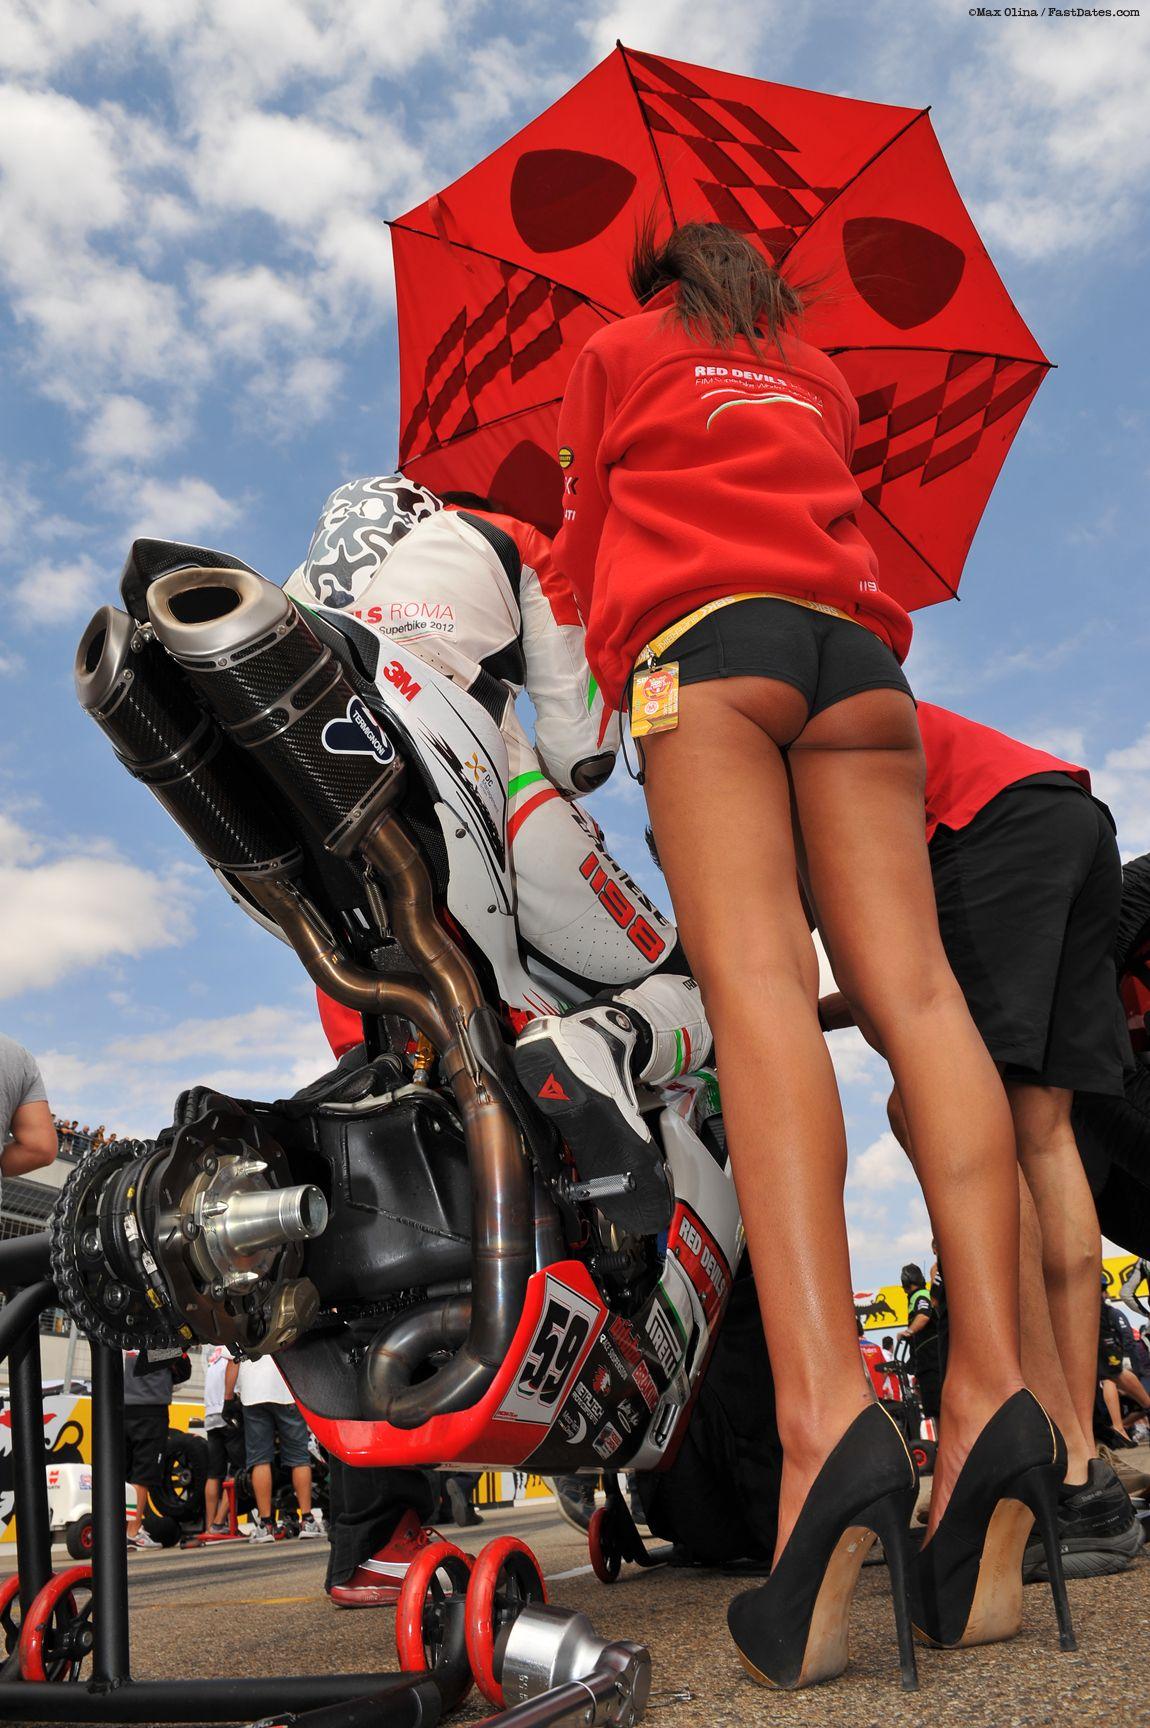 El rincon de las azafatas de motor +18 - Página 12 | Grid Girls ...